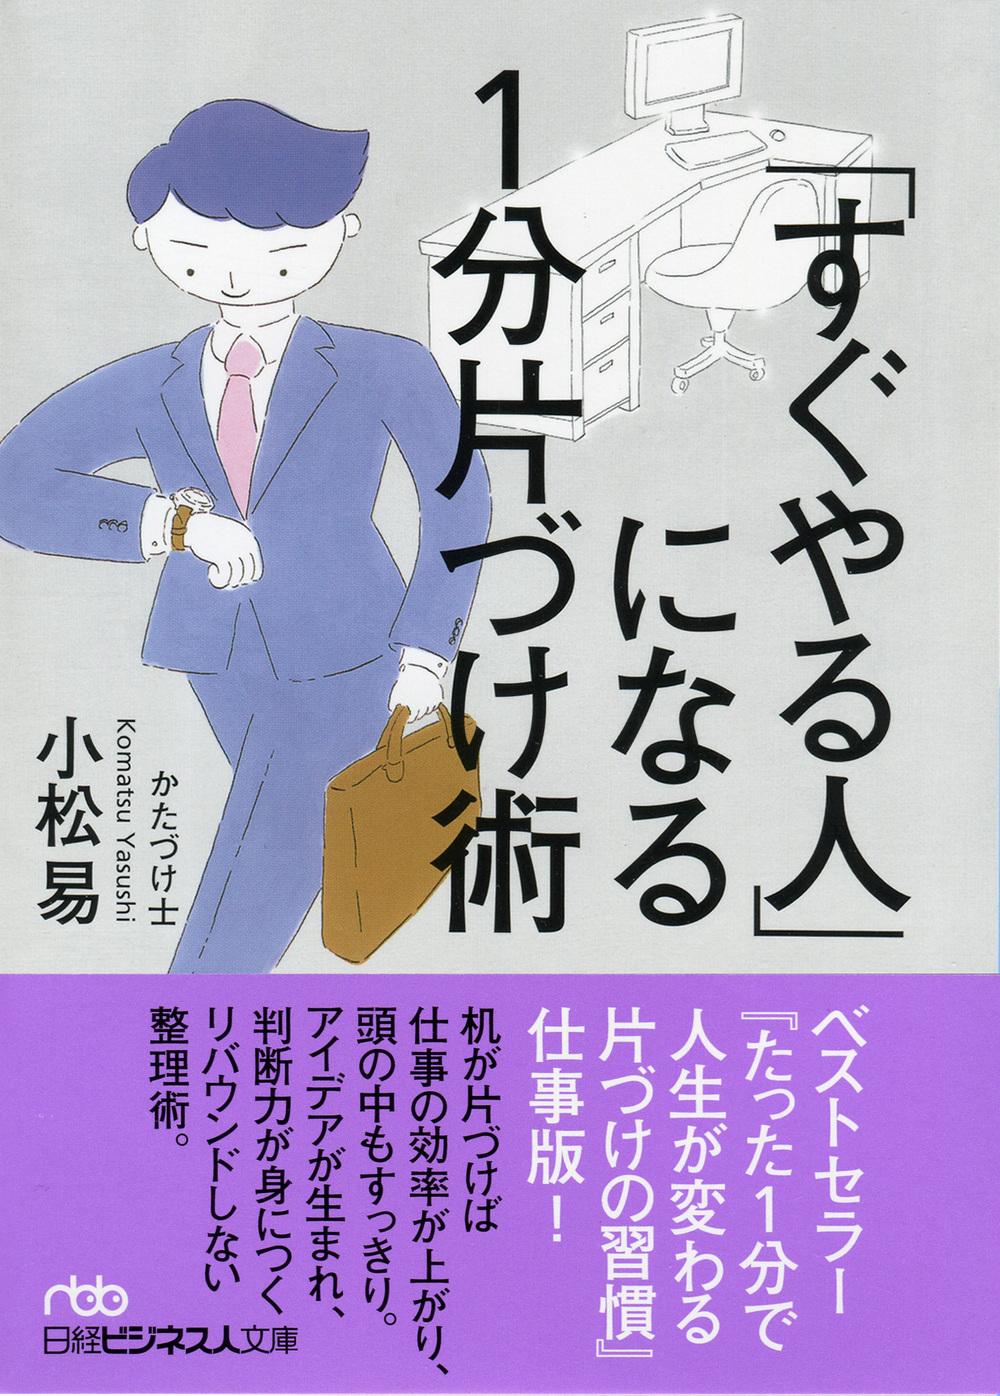 「すぐやる人」になる1分片づけ術(帯付き).jpg